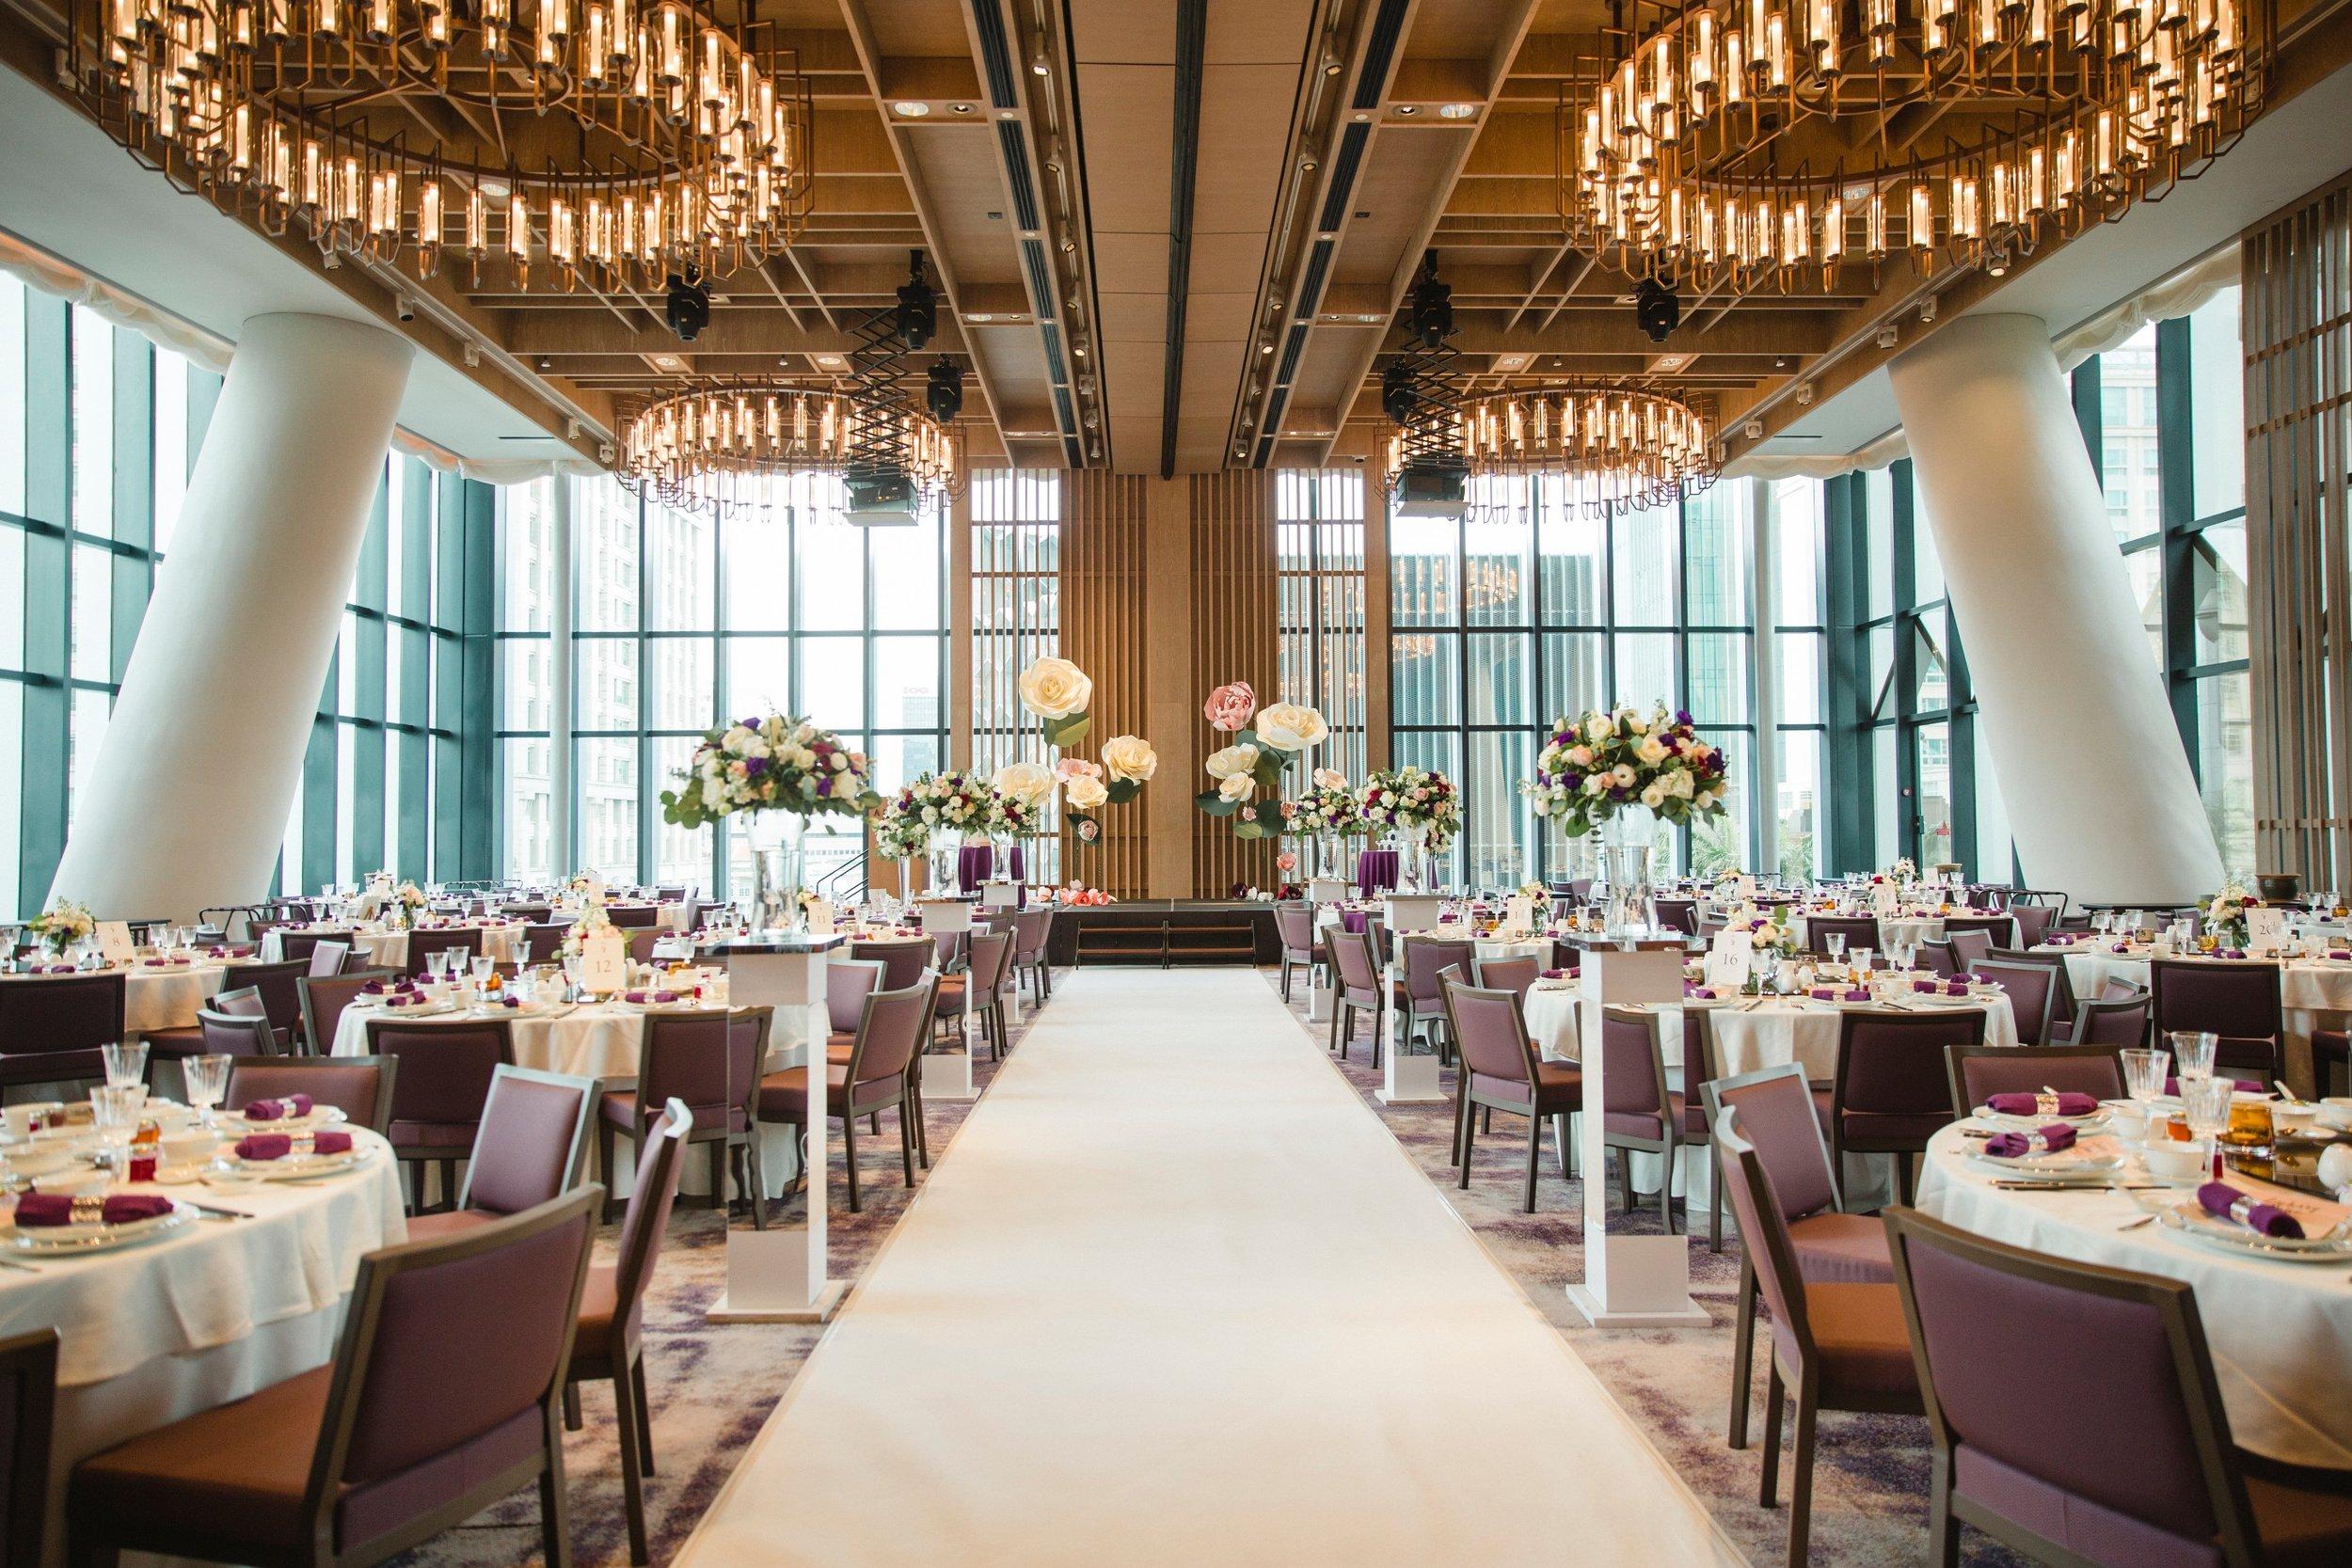 Andaz-Singapore-Weddings-The-Glasshouse.jpg